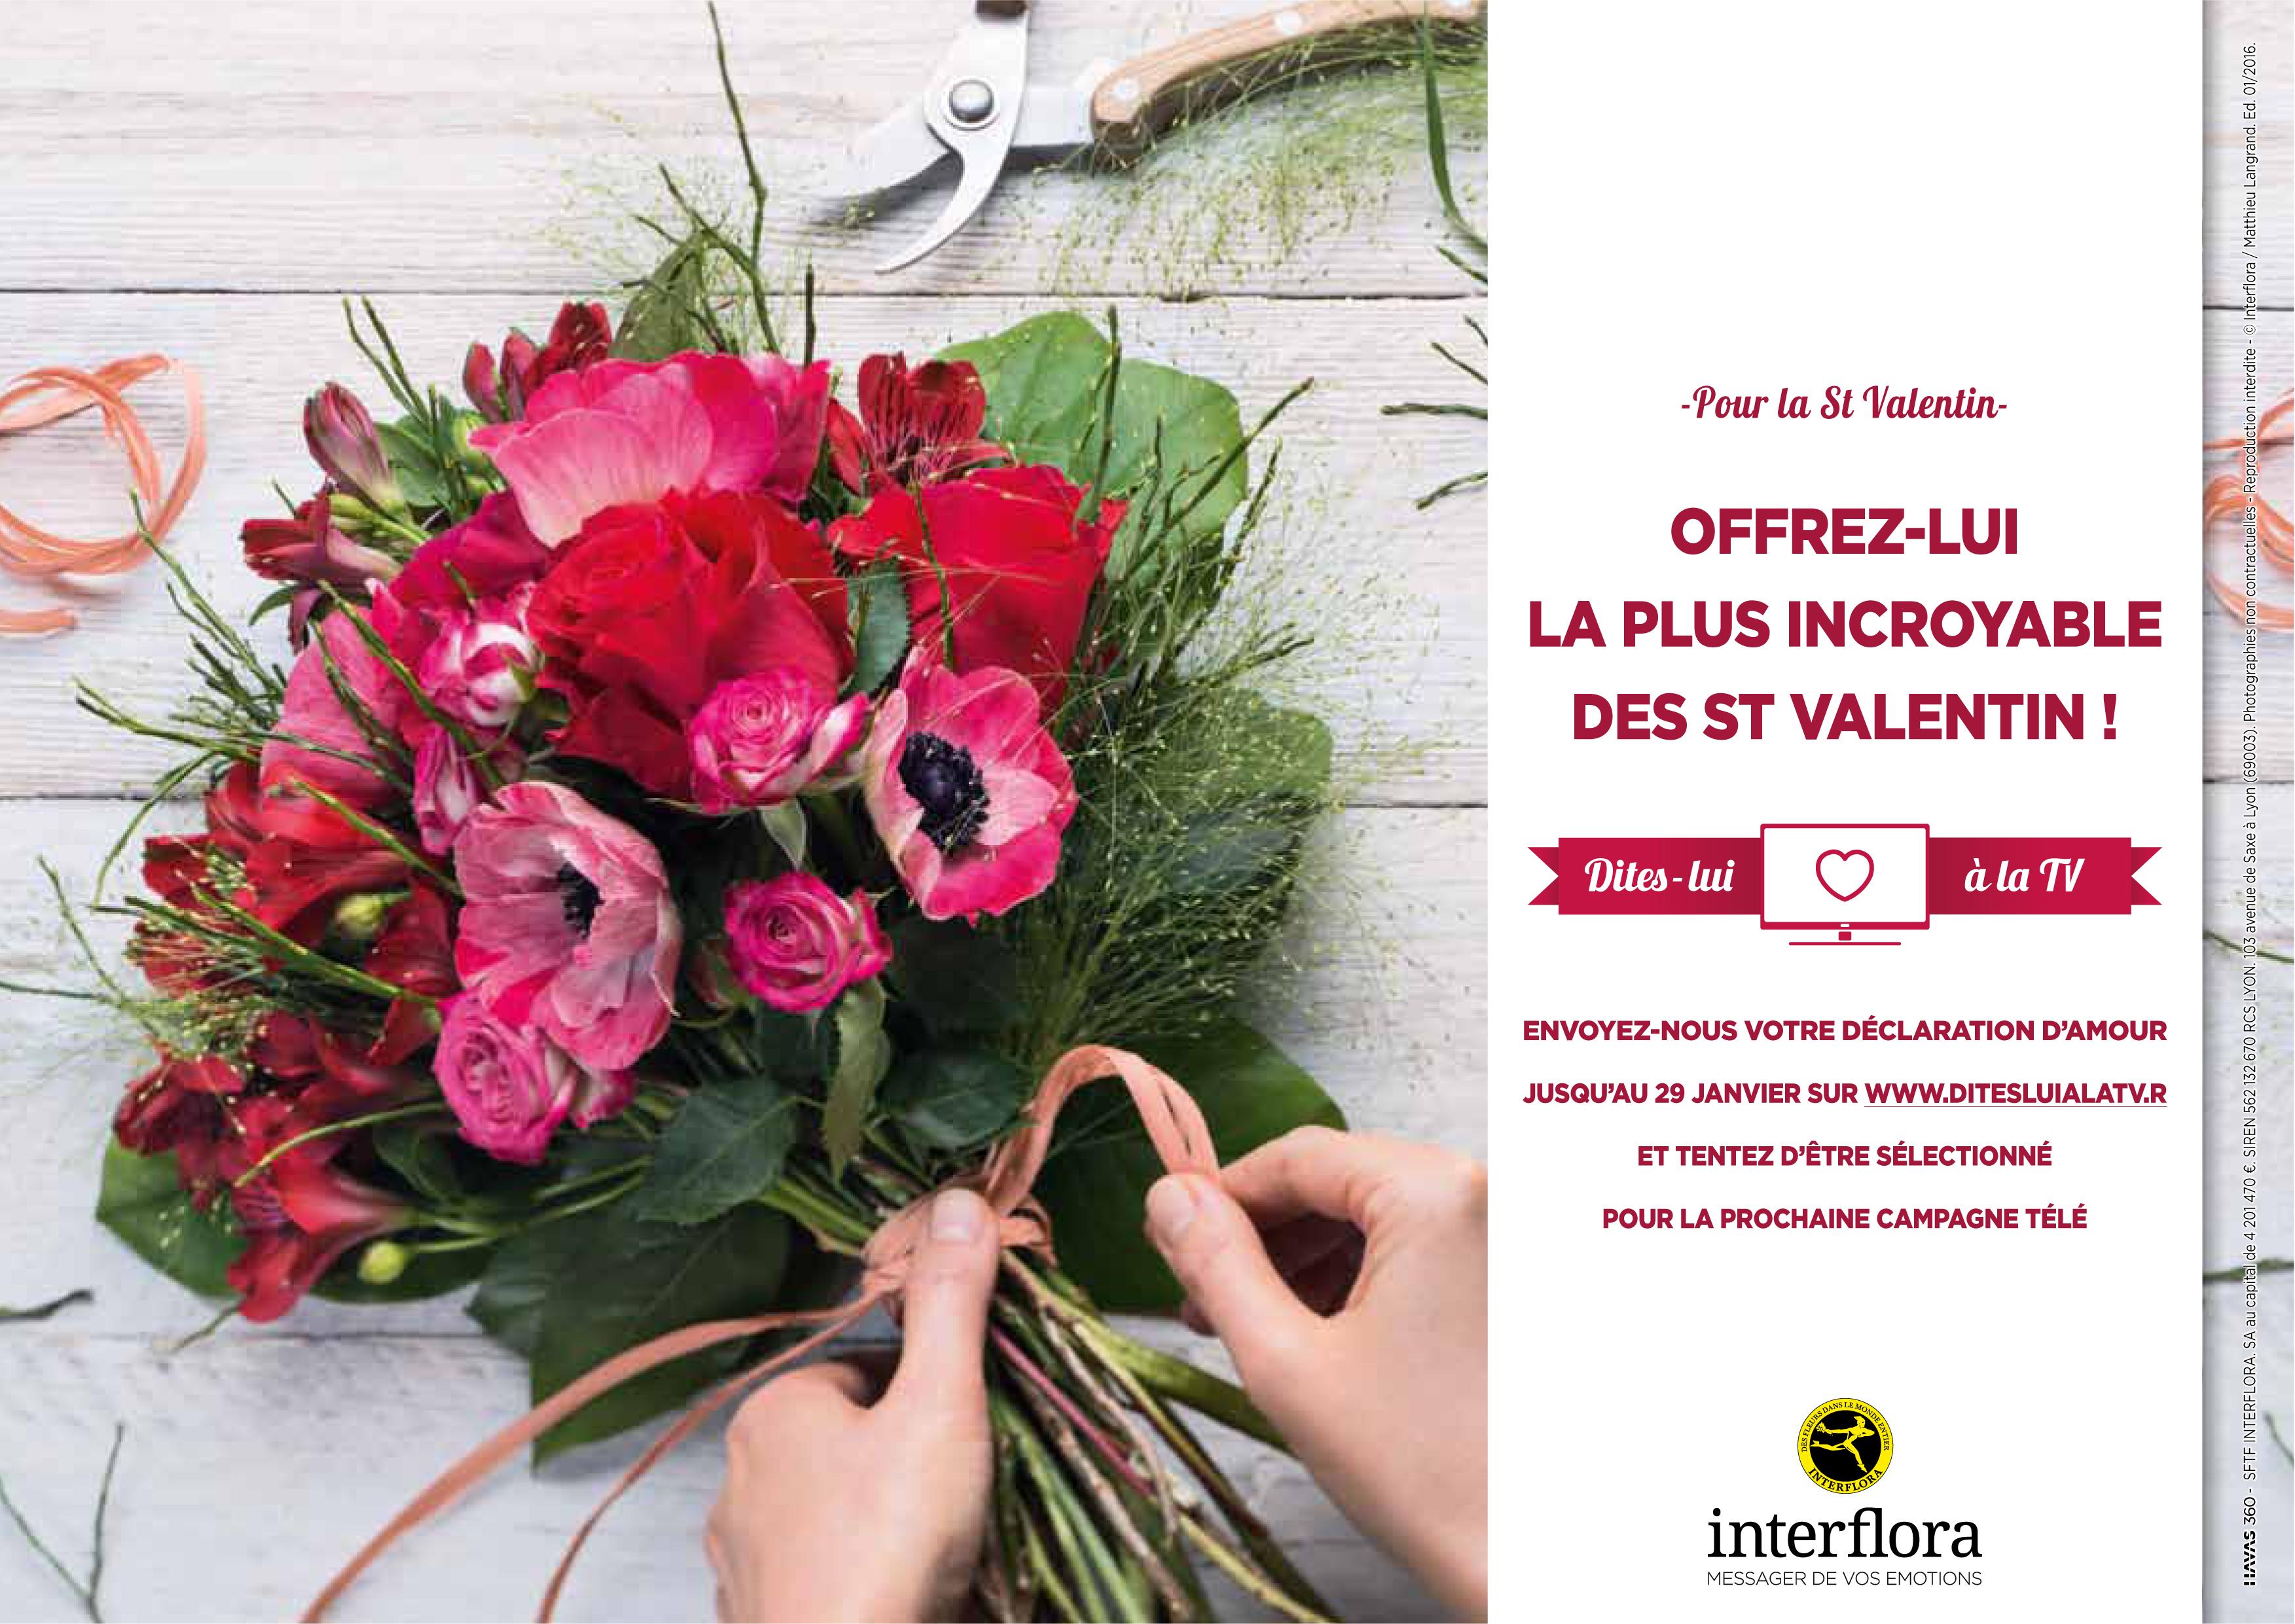 Pour la Saint,Valentin, Interflora invite les internautes dans sa nouvelle publicité !